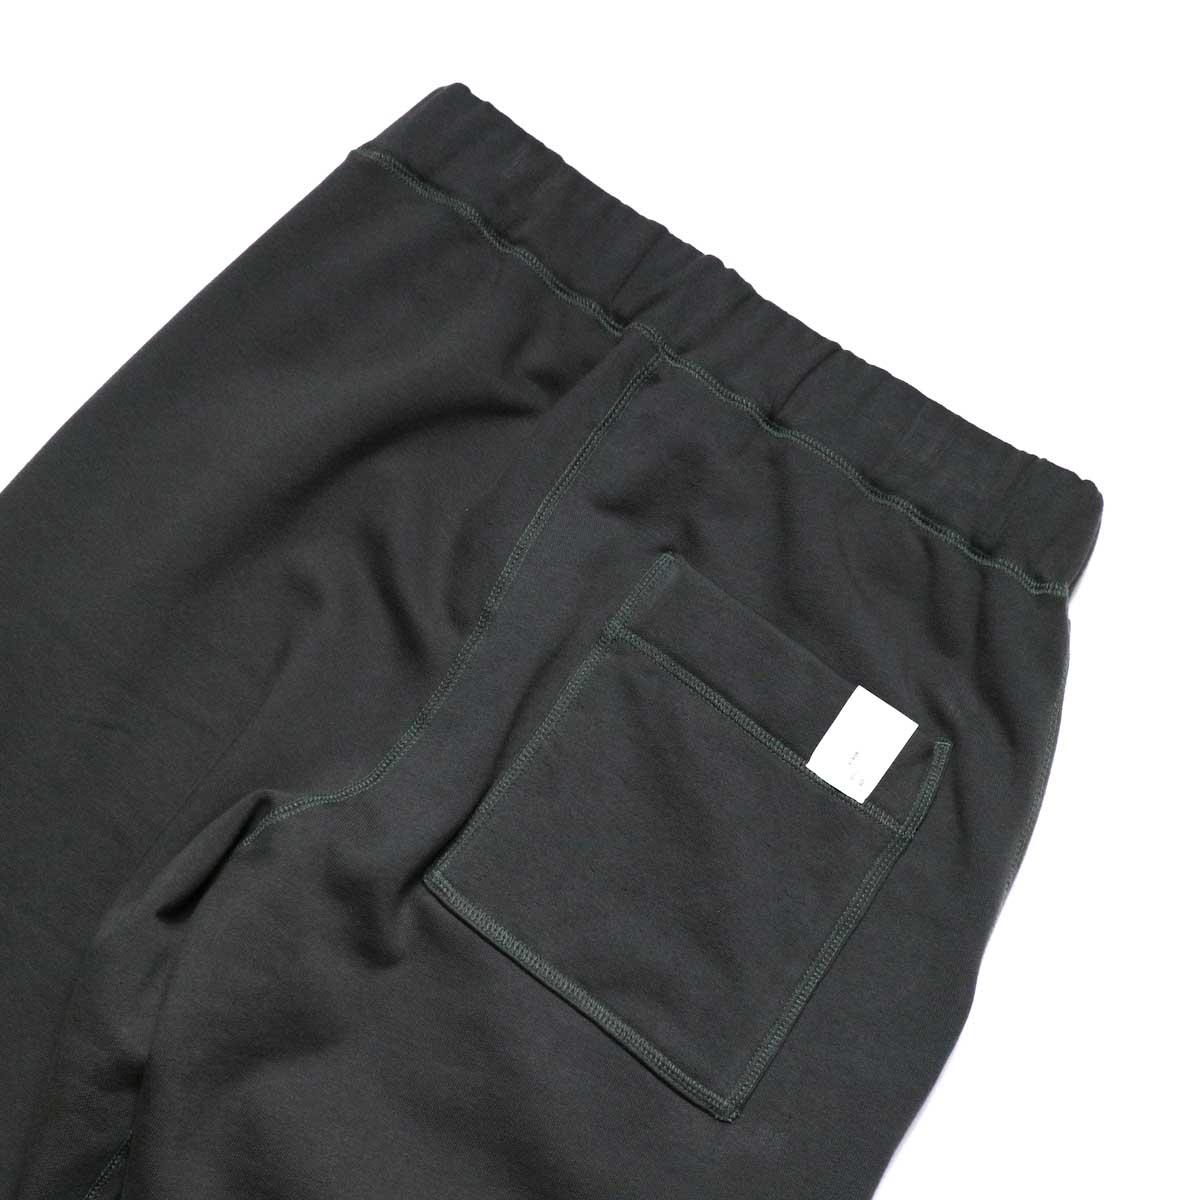 N.HOOLYWOOD / 27RCH-013 Track Pants (Charcoala)ヒップポケット